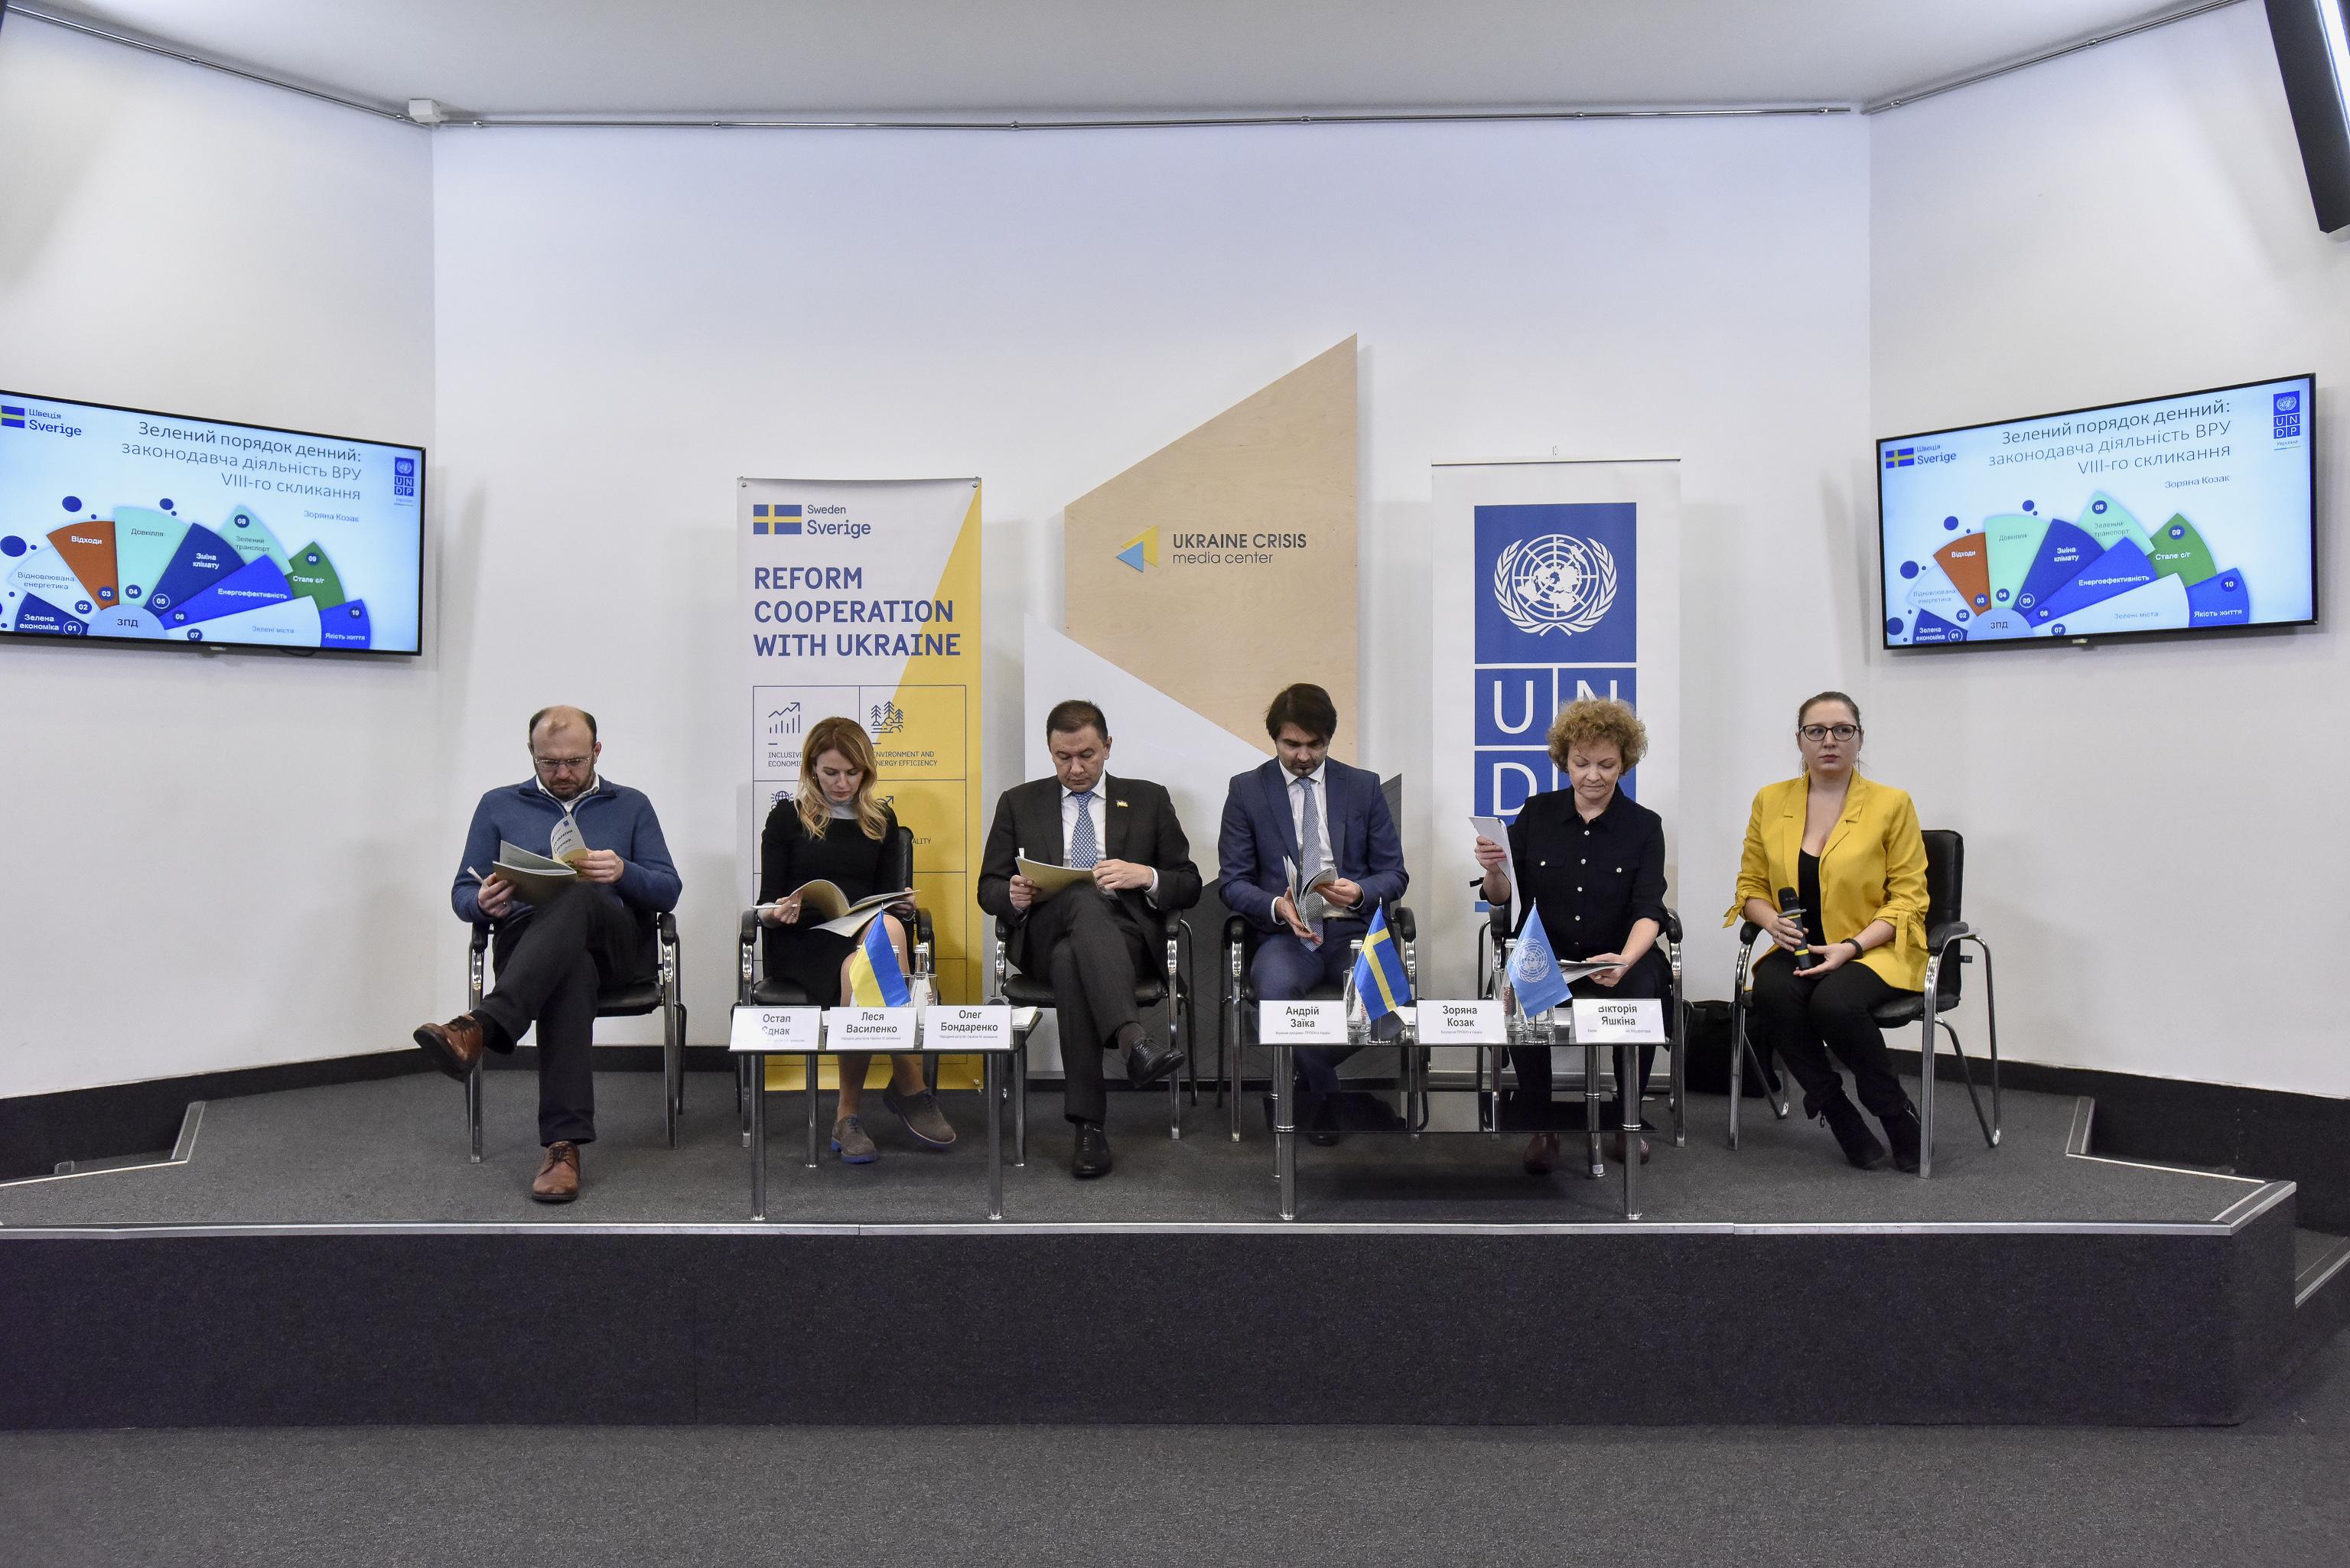 ПРООН в Україні дала рекомендації Верховній Раді щодо впровадження Зеленого порядку денного